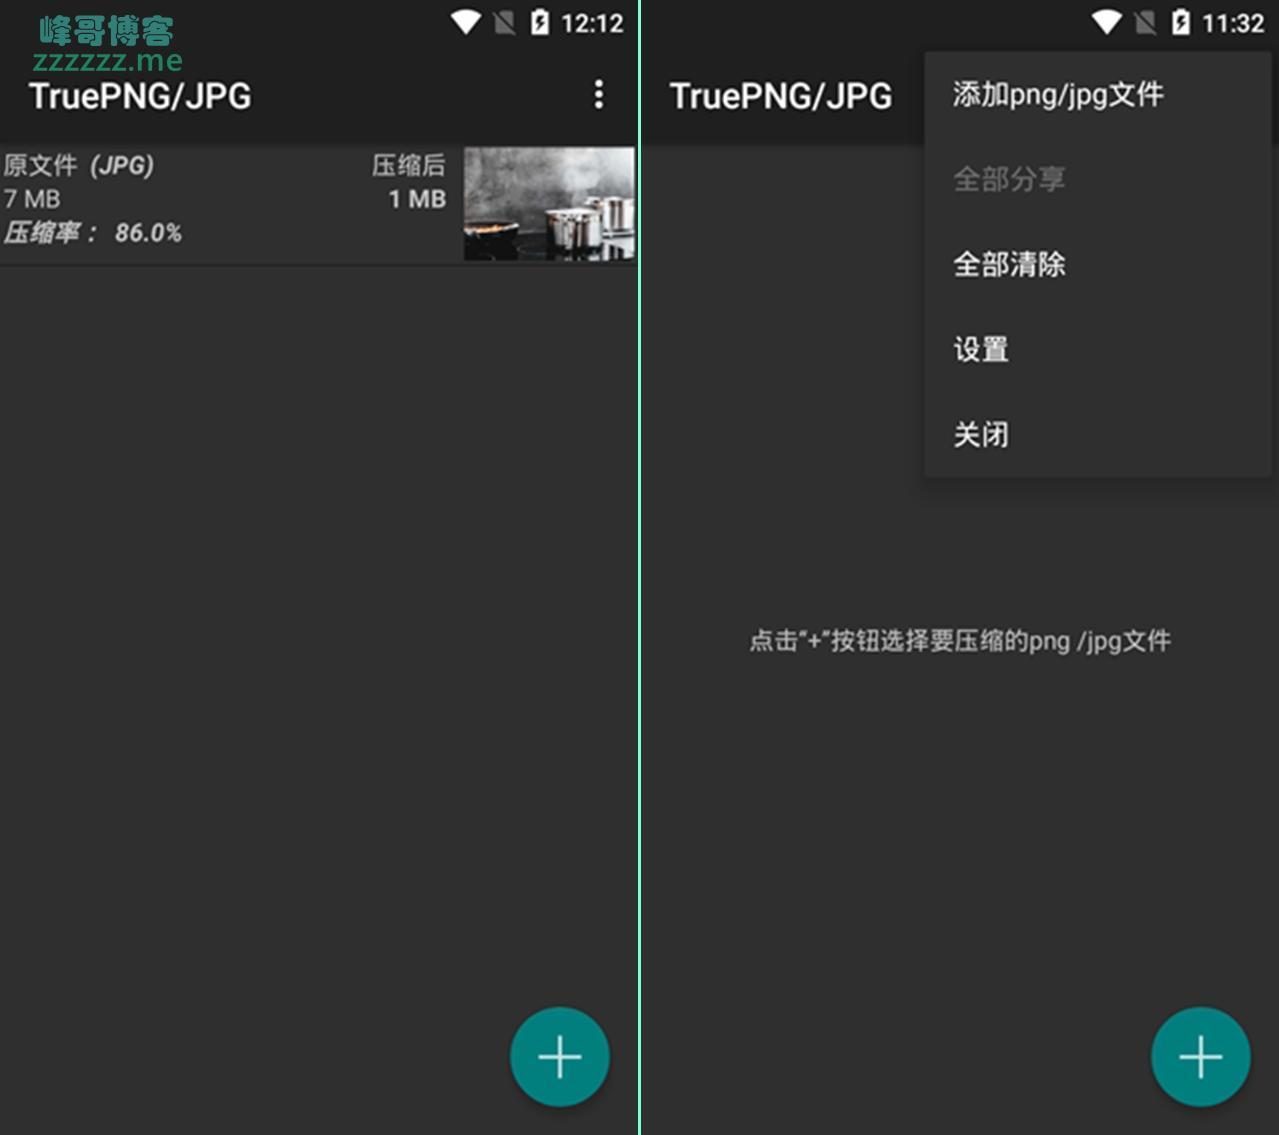 安卓图像压缩TruePNG/JPG V1.3 中文汉化版